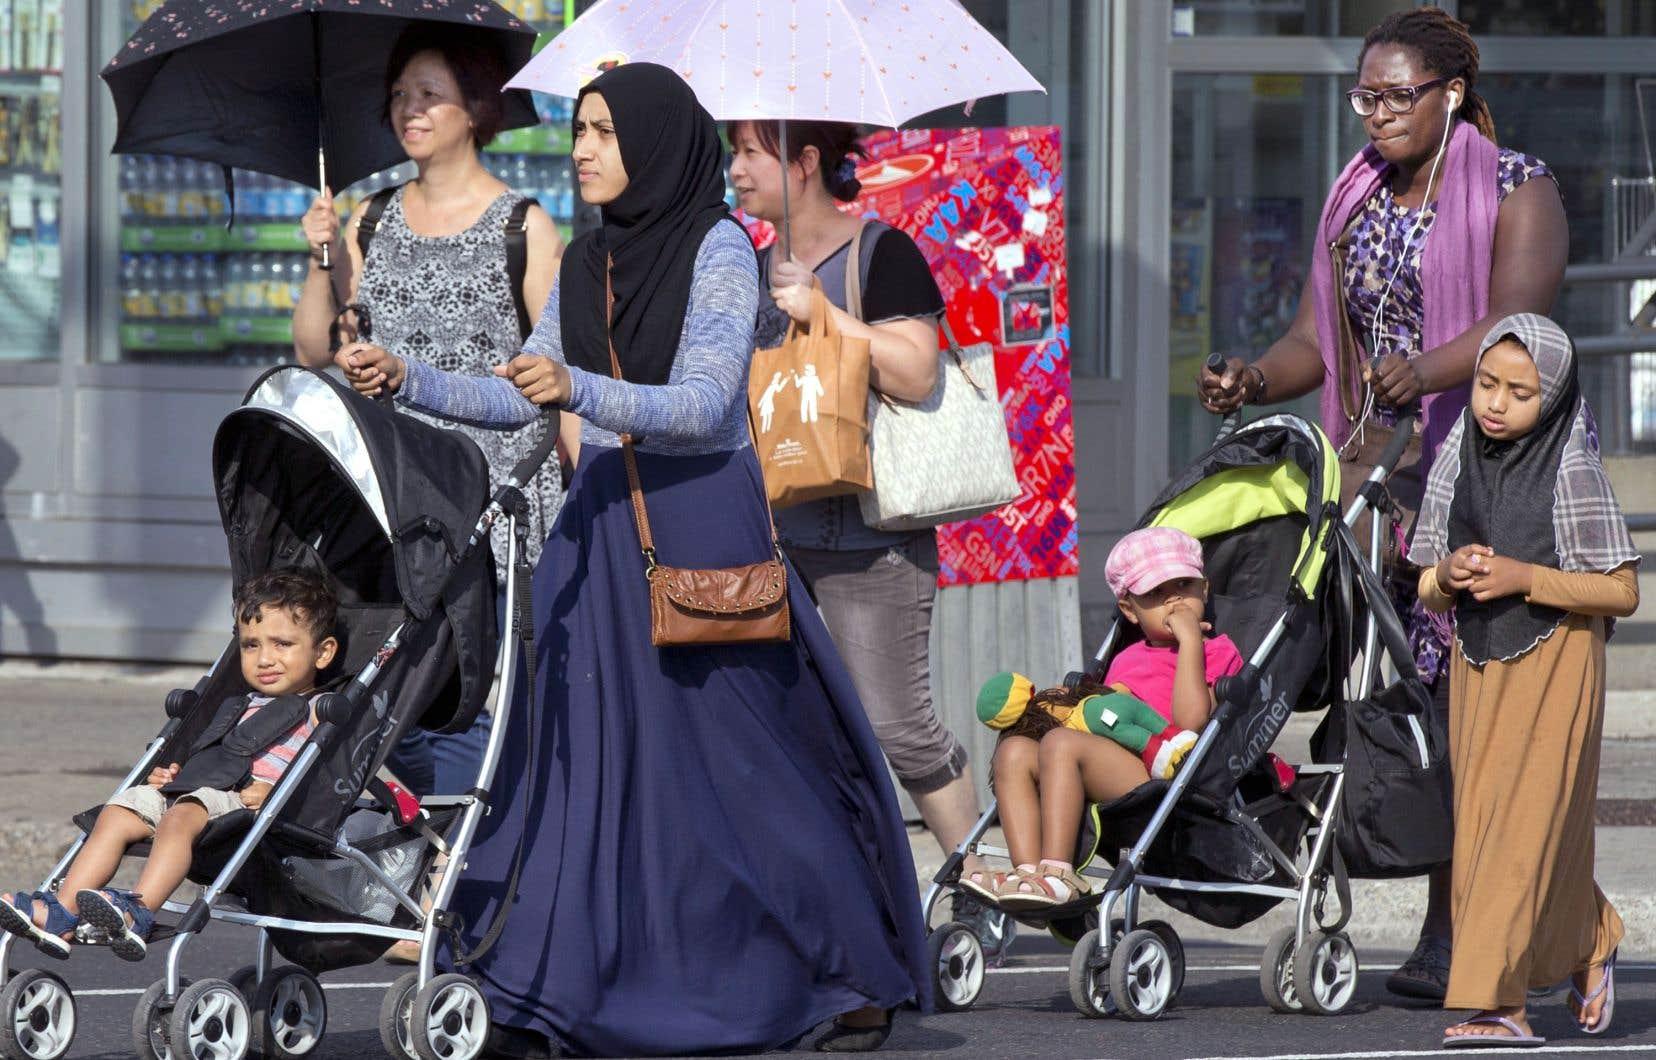 Près de la moitié des répondants ont indiqué croire que leur «mode de vie est menacé par la présence d'immigrants issus de minorités religieuses».